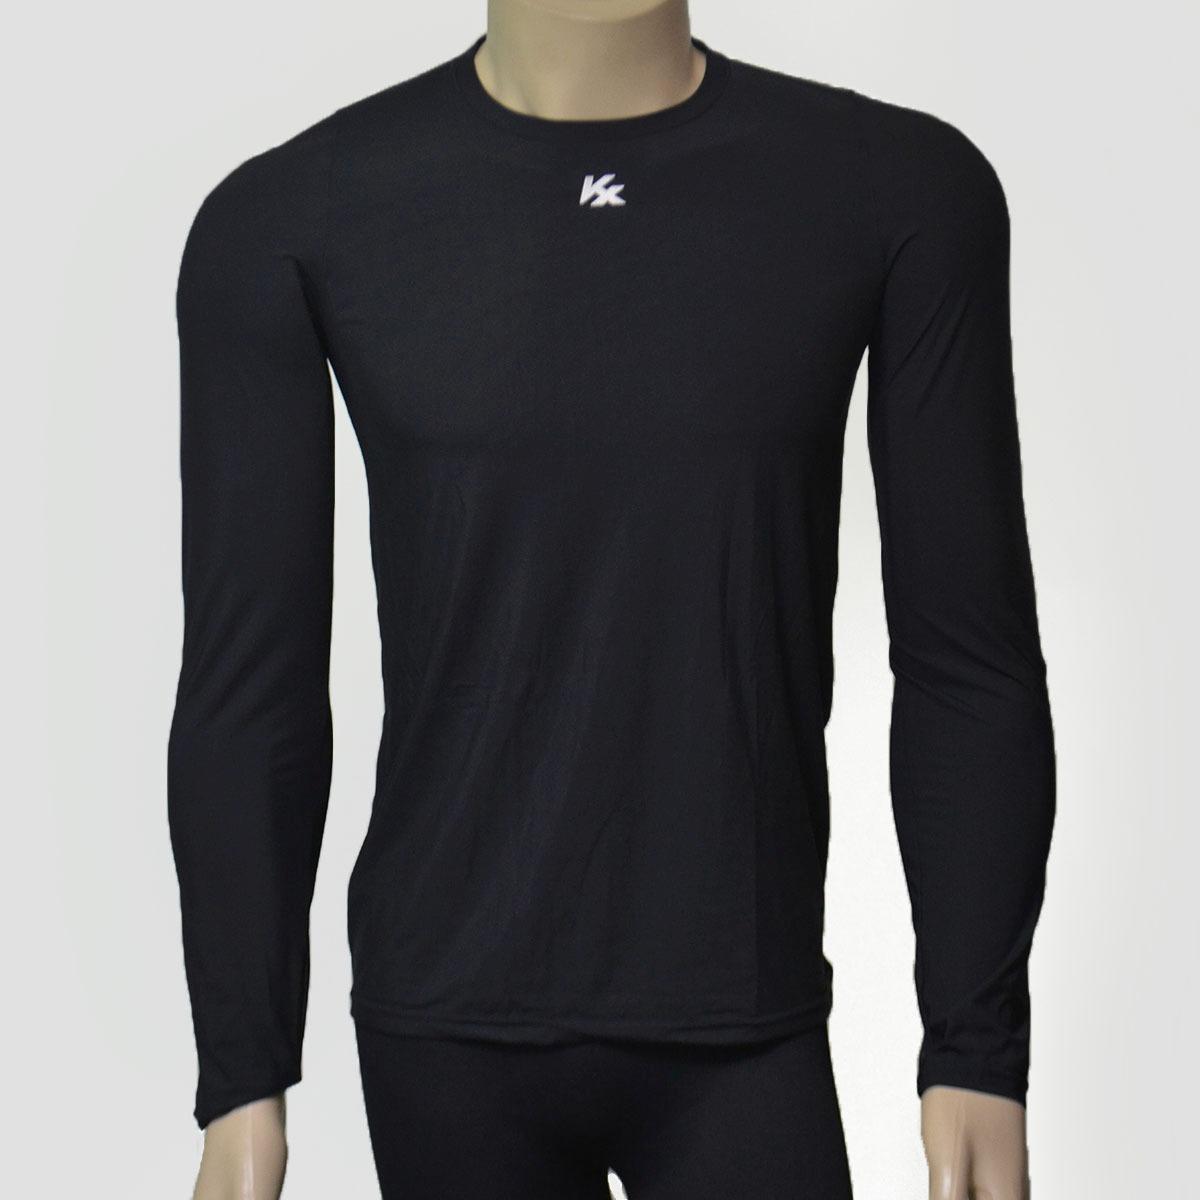 camisa térmica alta compressão kanxa manga longa poliamida. Carregando zoom. 48ebca36c5d65